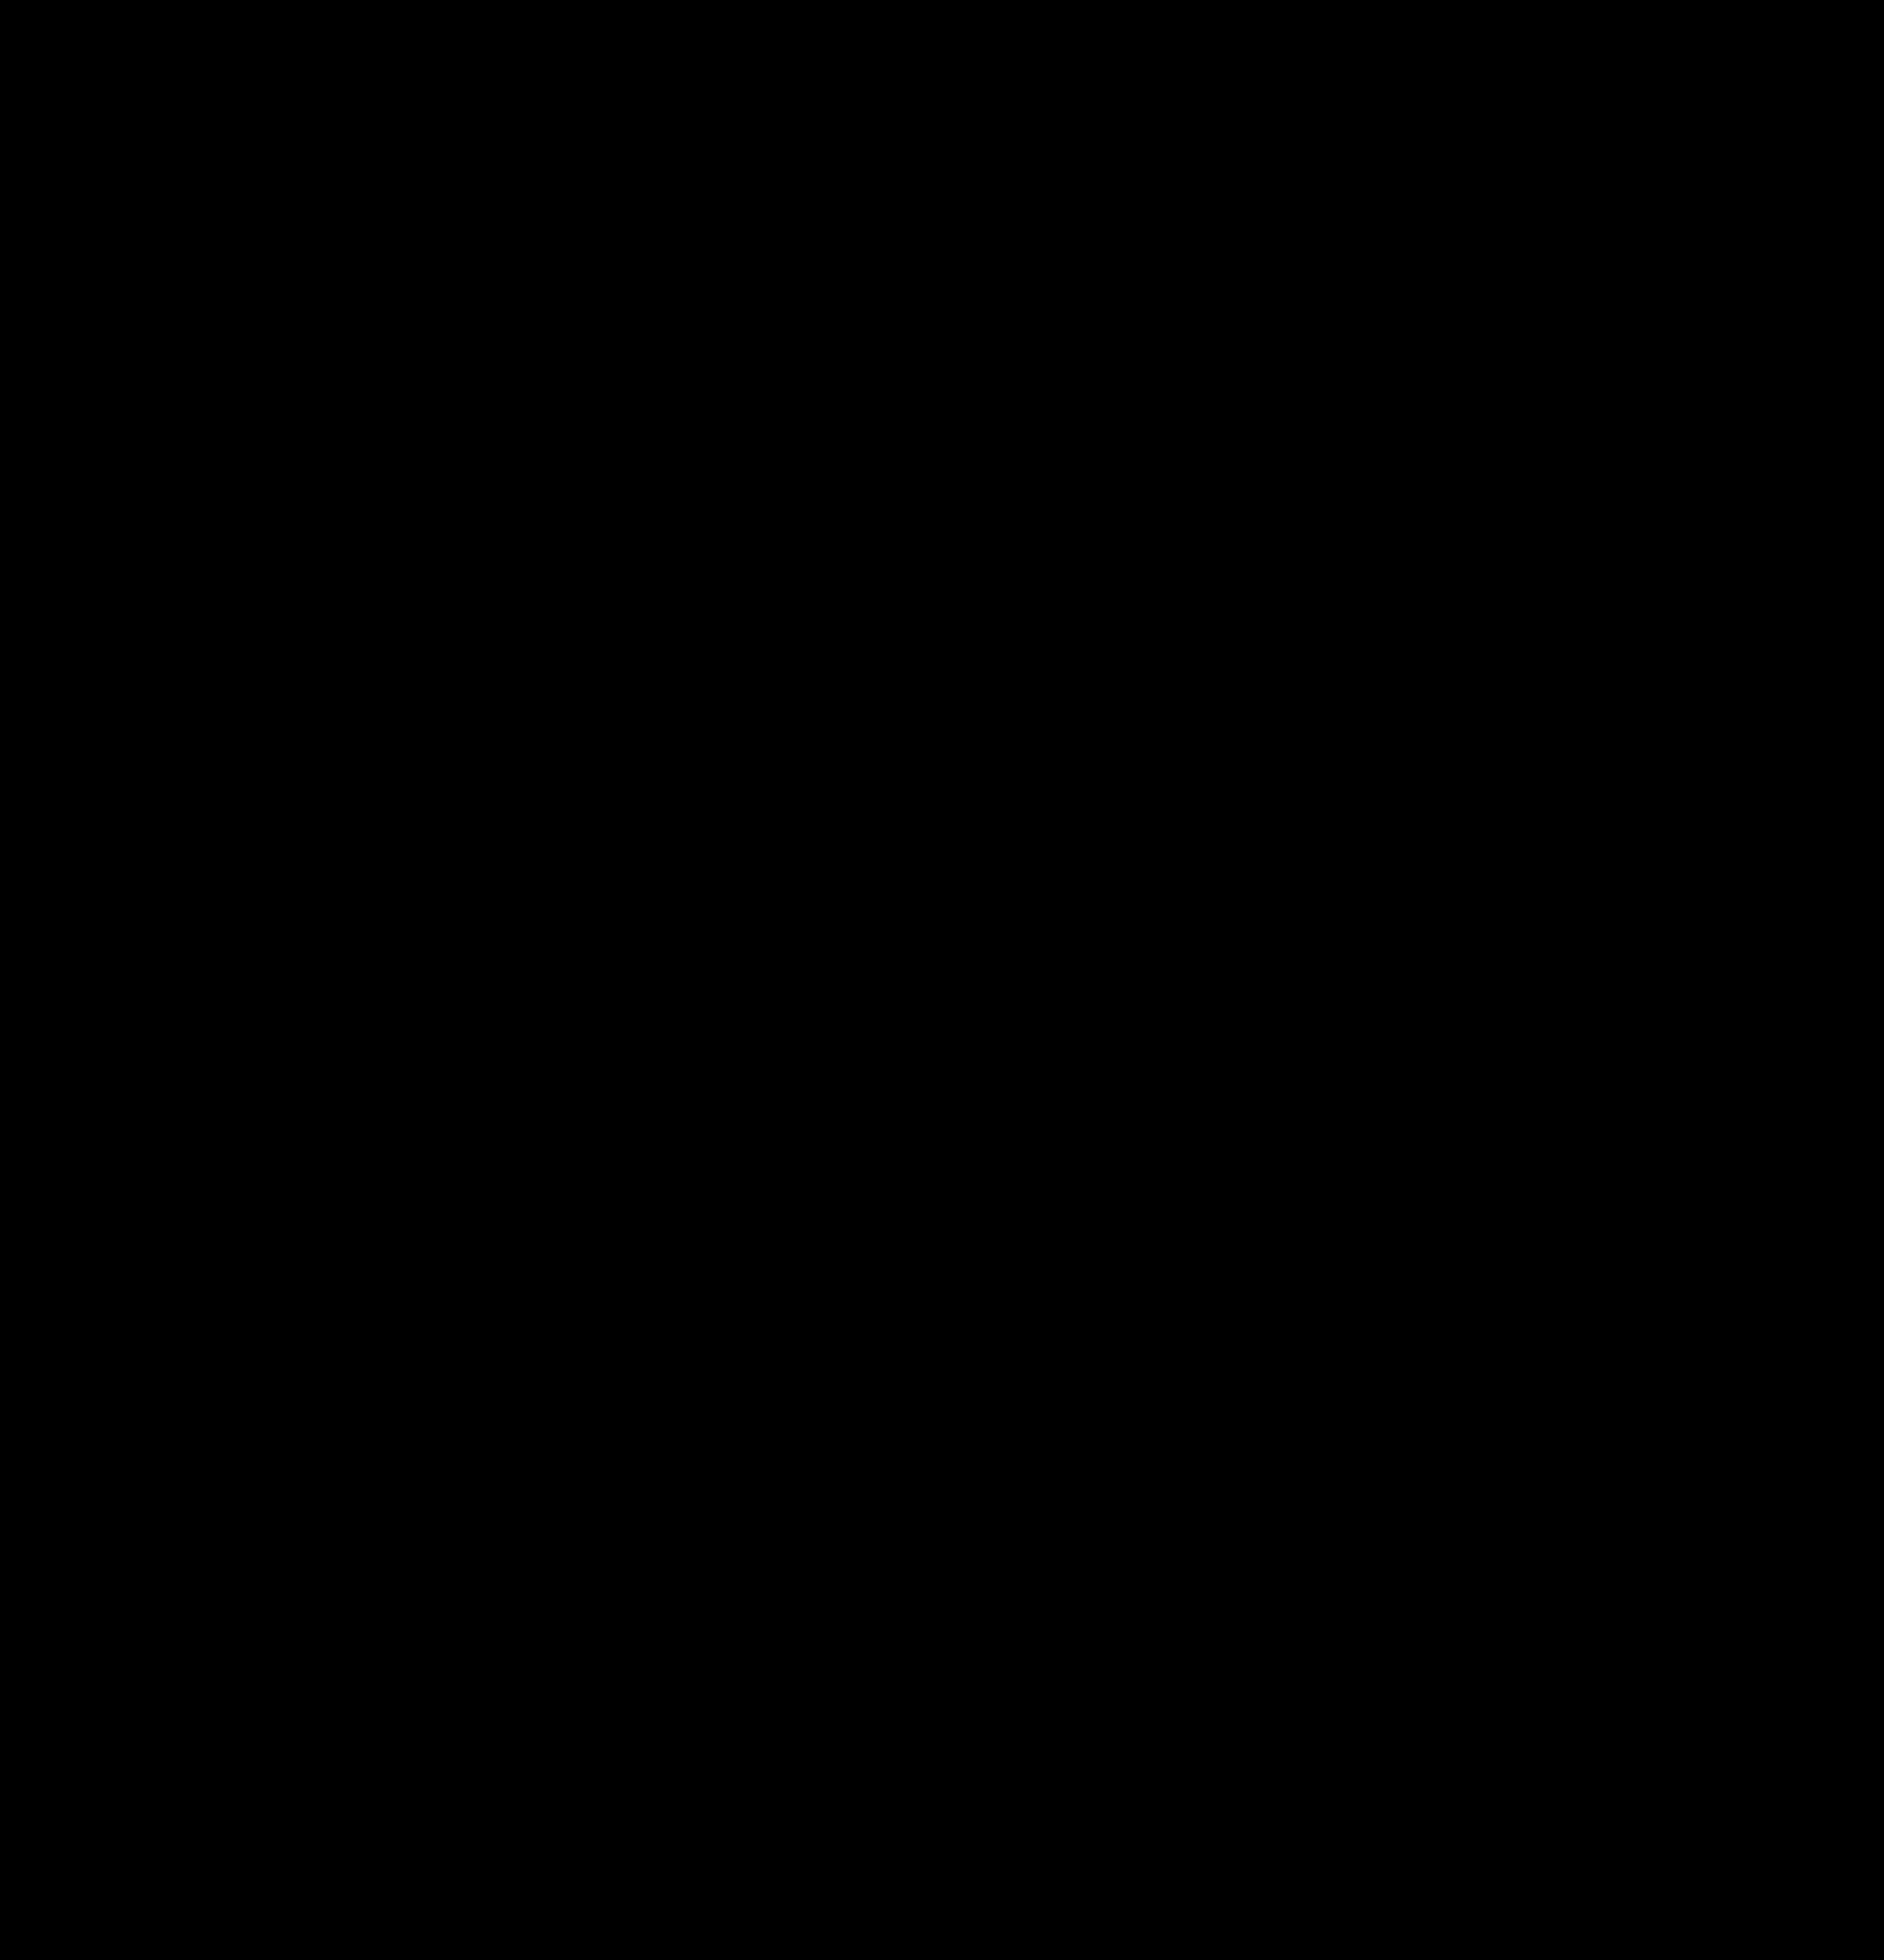 Halloween Pumpkin Clip Art - .-Halloween Pumpkin Clip Art - .-8